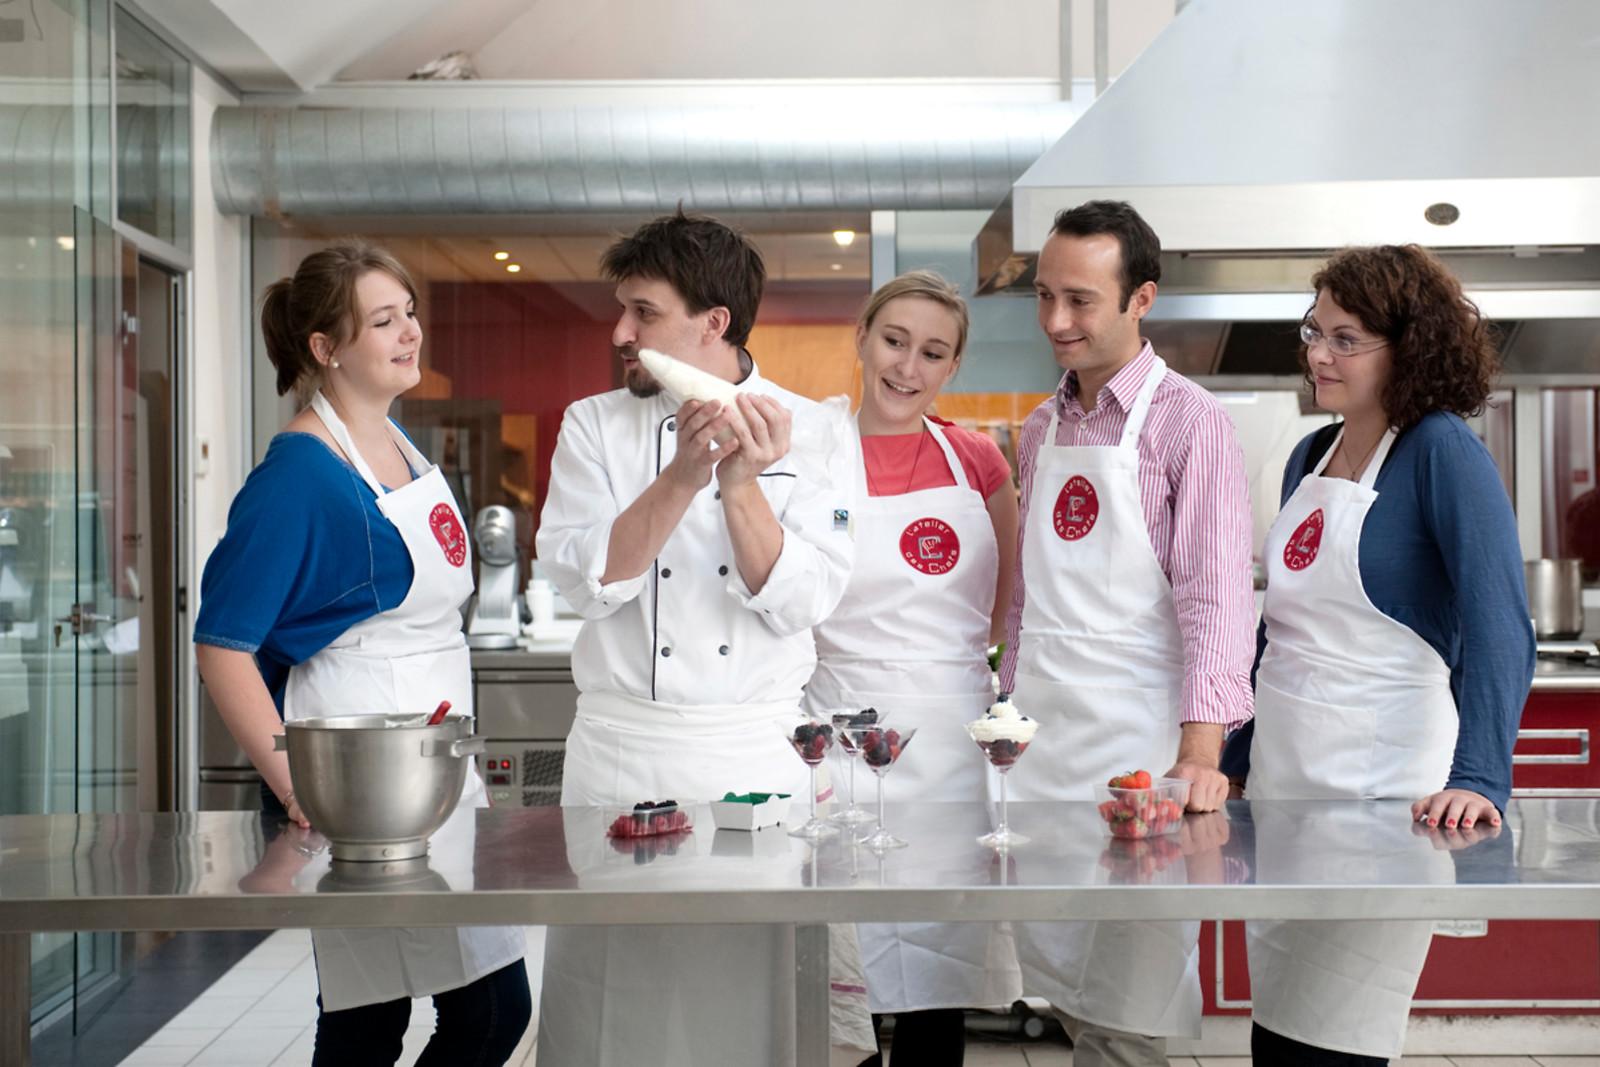 Un cours de cuisine l 39 atelier des chefs lyon 69 for Atelier cuisine lyon